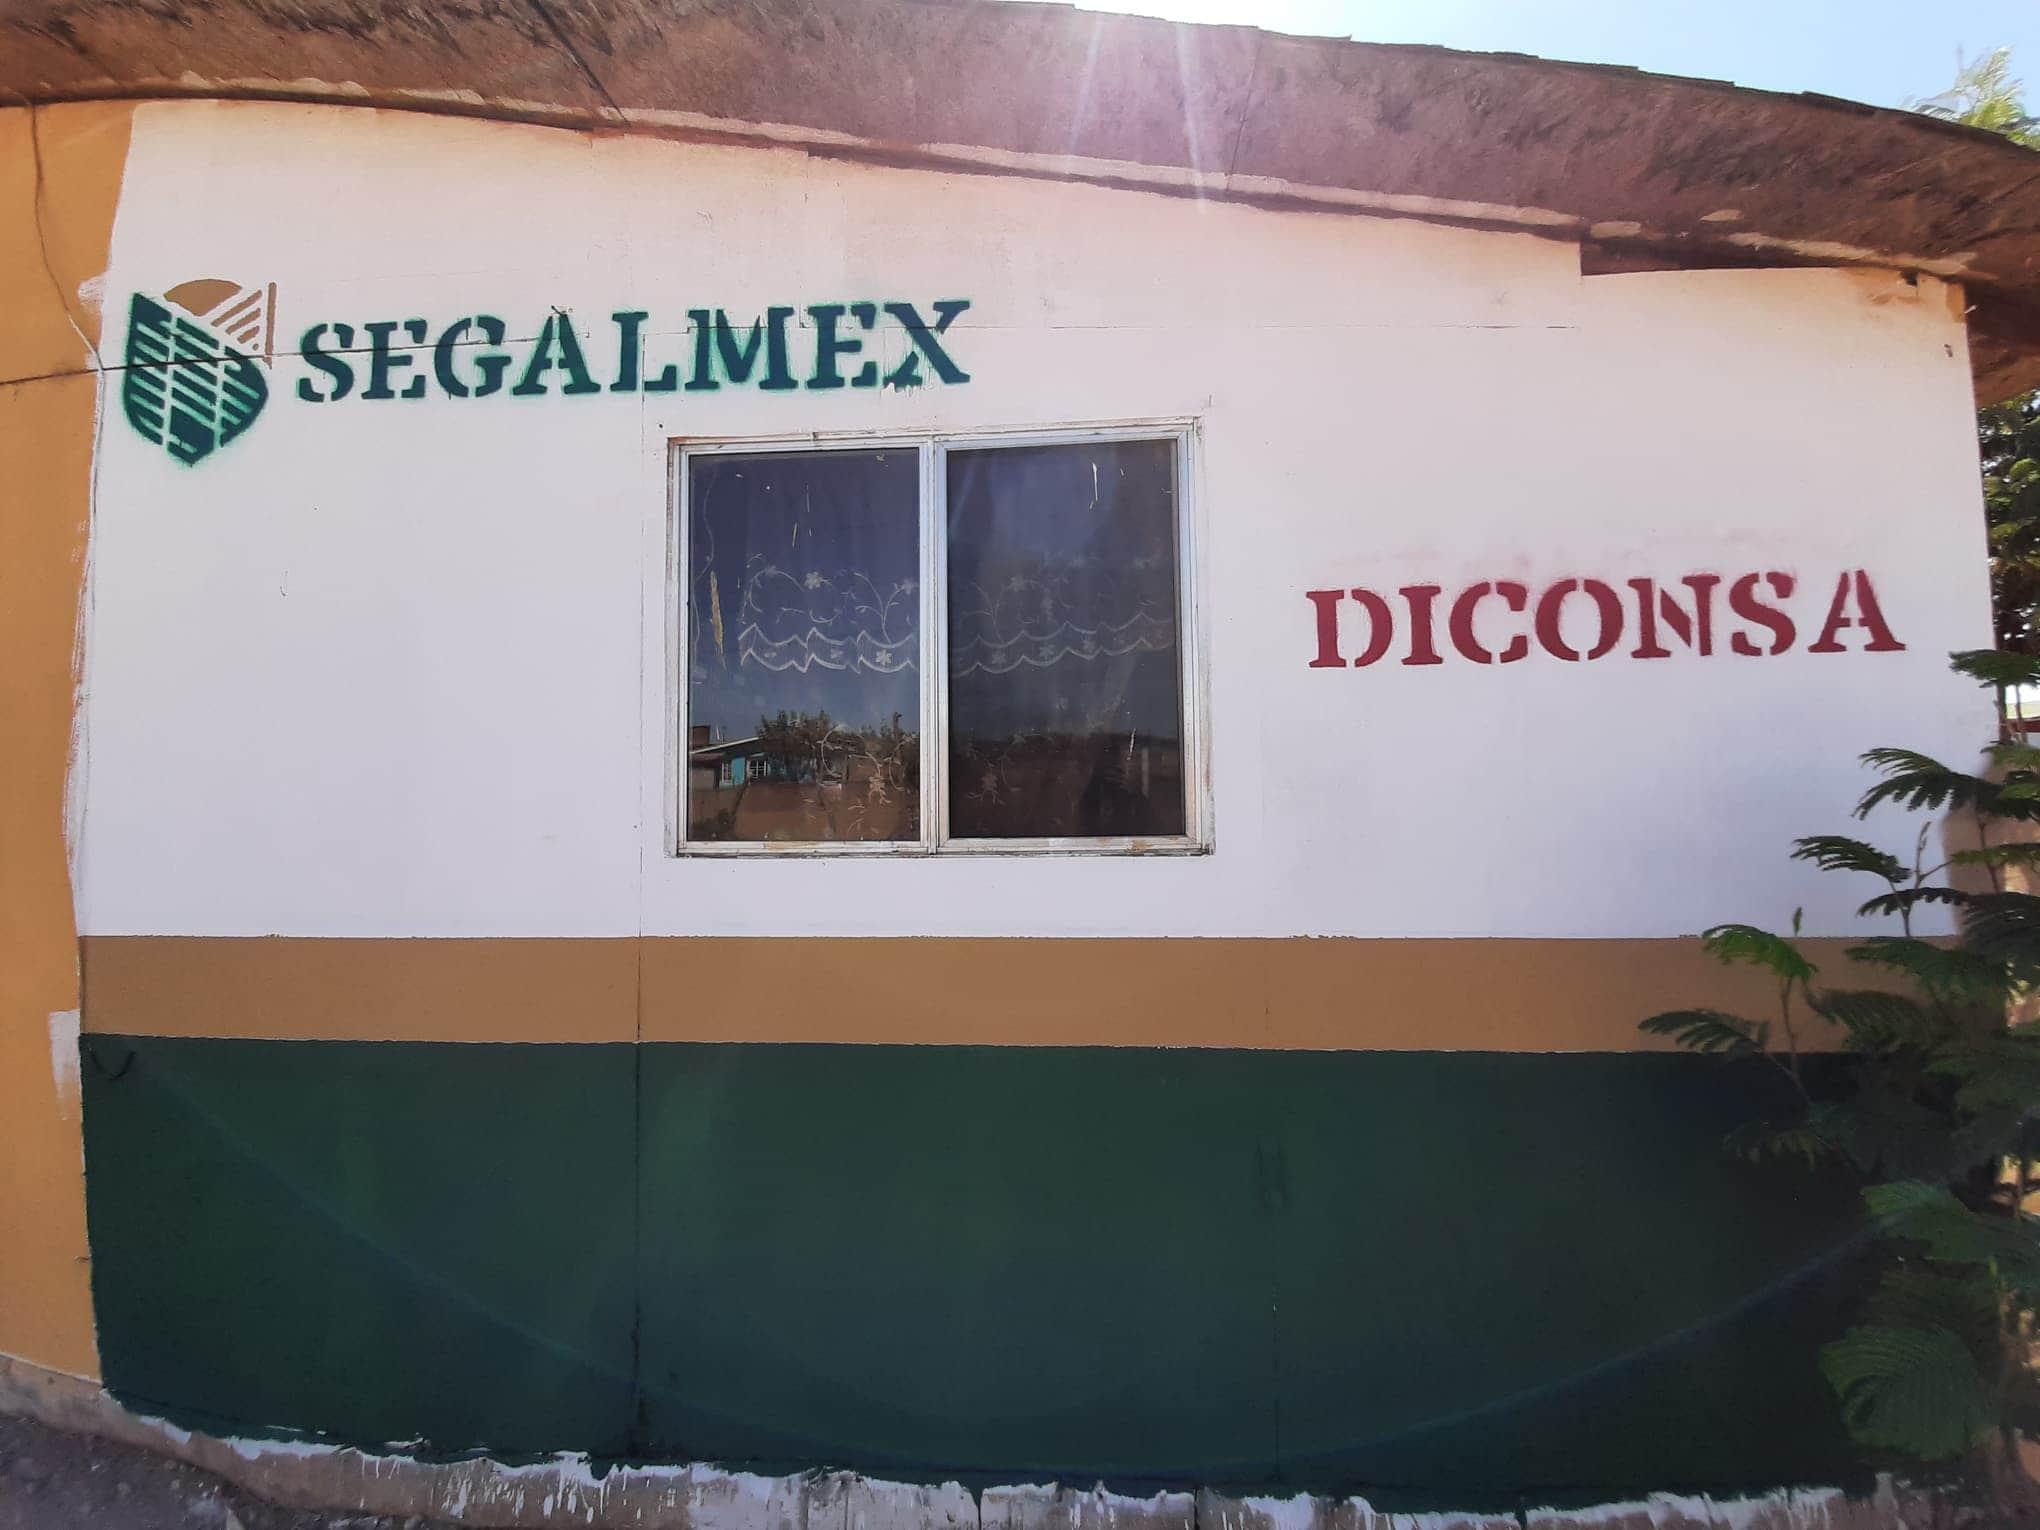 Continúa Segalmex-Diconsa-Liconsa la renovación y mantenimiento de tiendas Diconsa